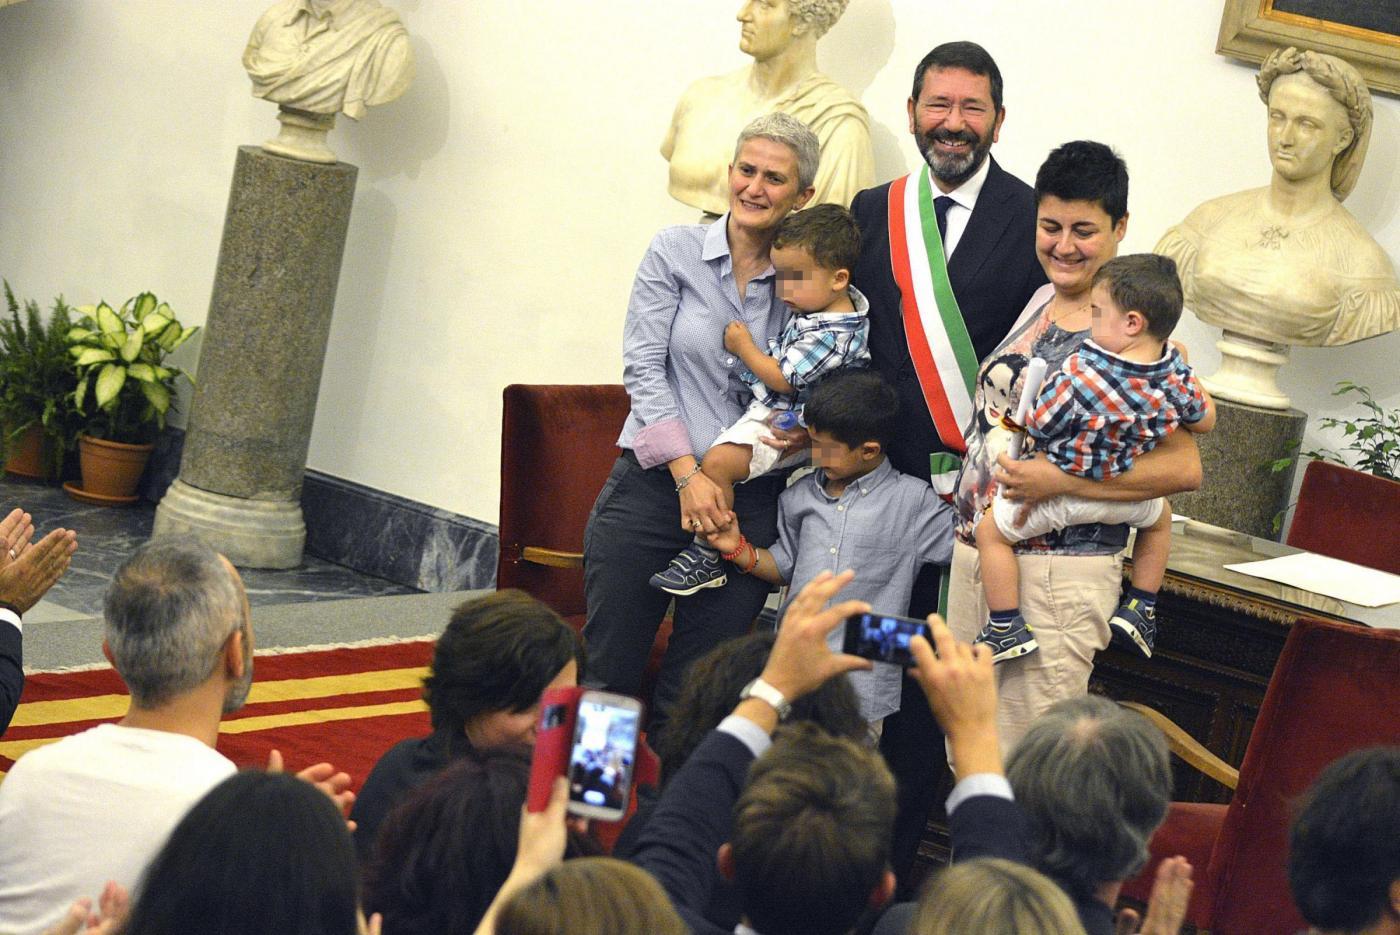 Mafia Capitale preoccupa anche il Vaticano